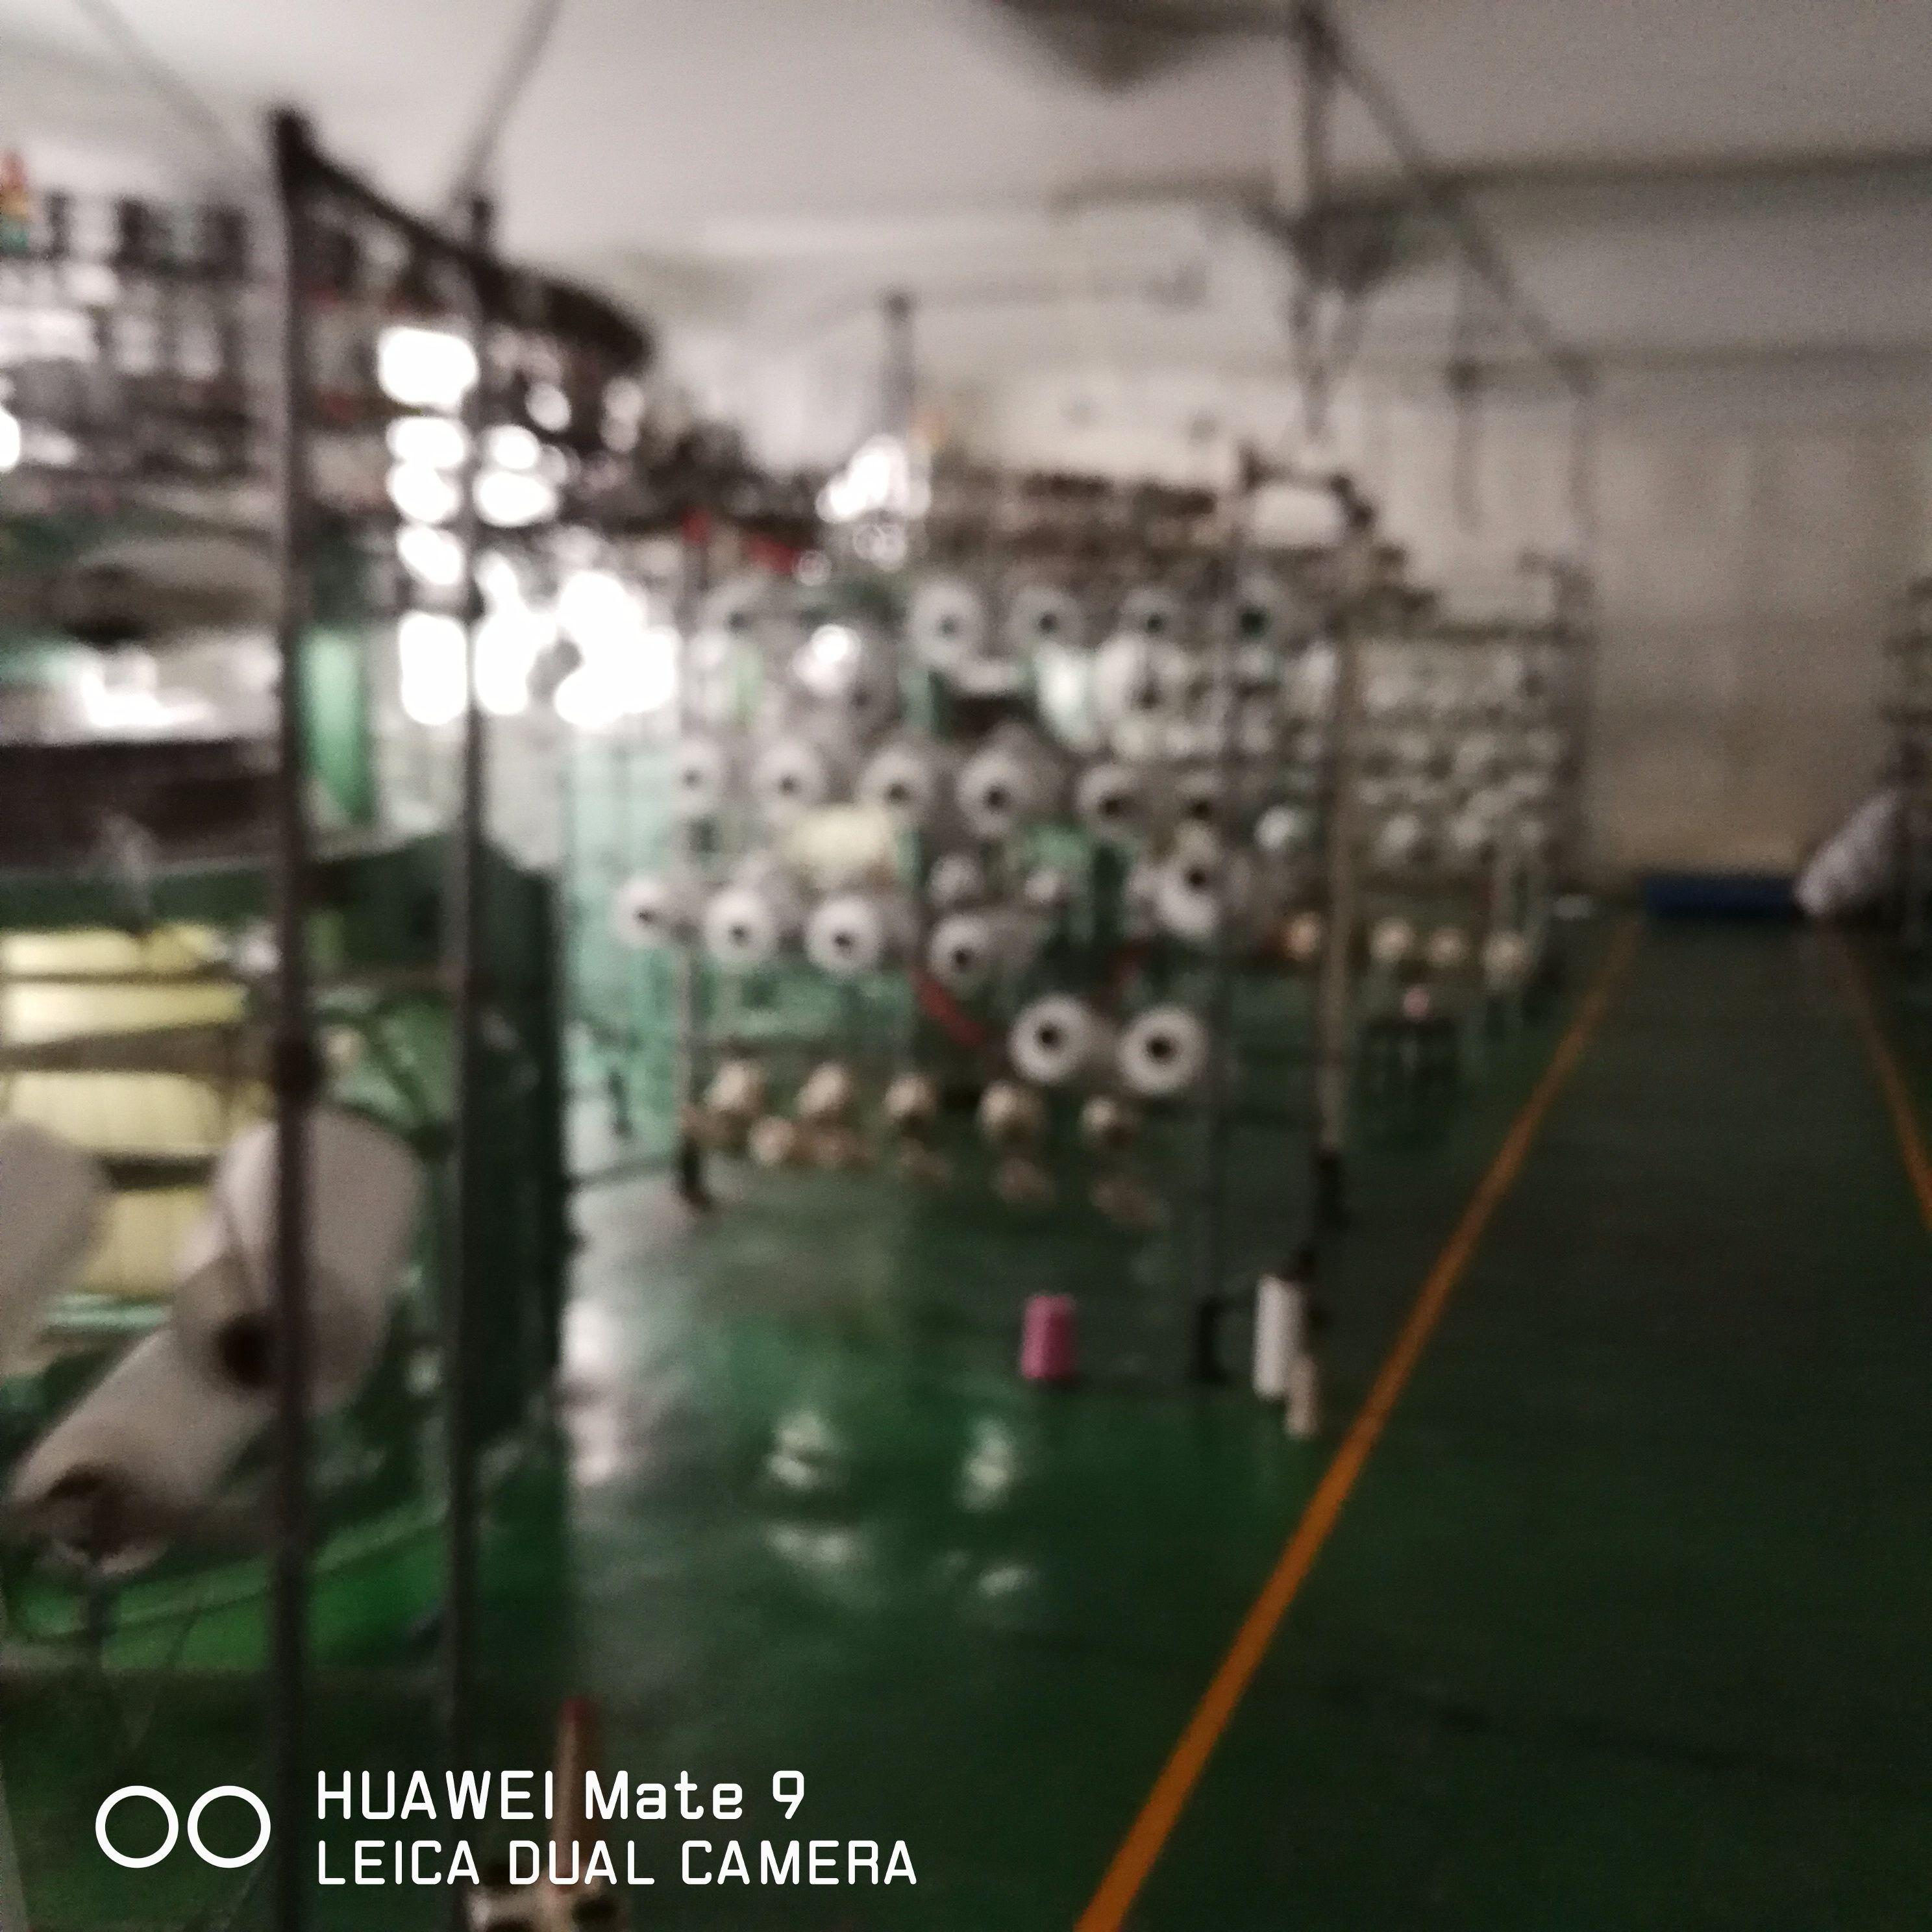 38寸.34寸双面大园机生产加工。各种针织面料